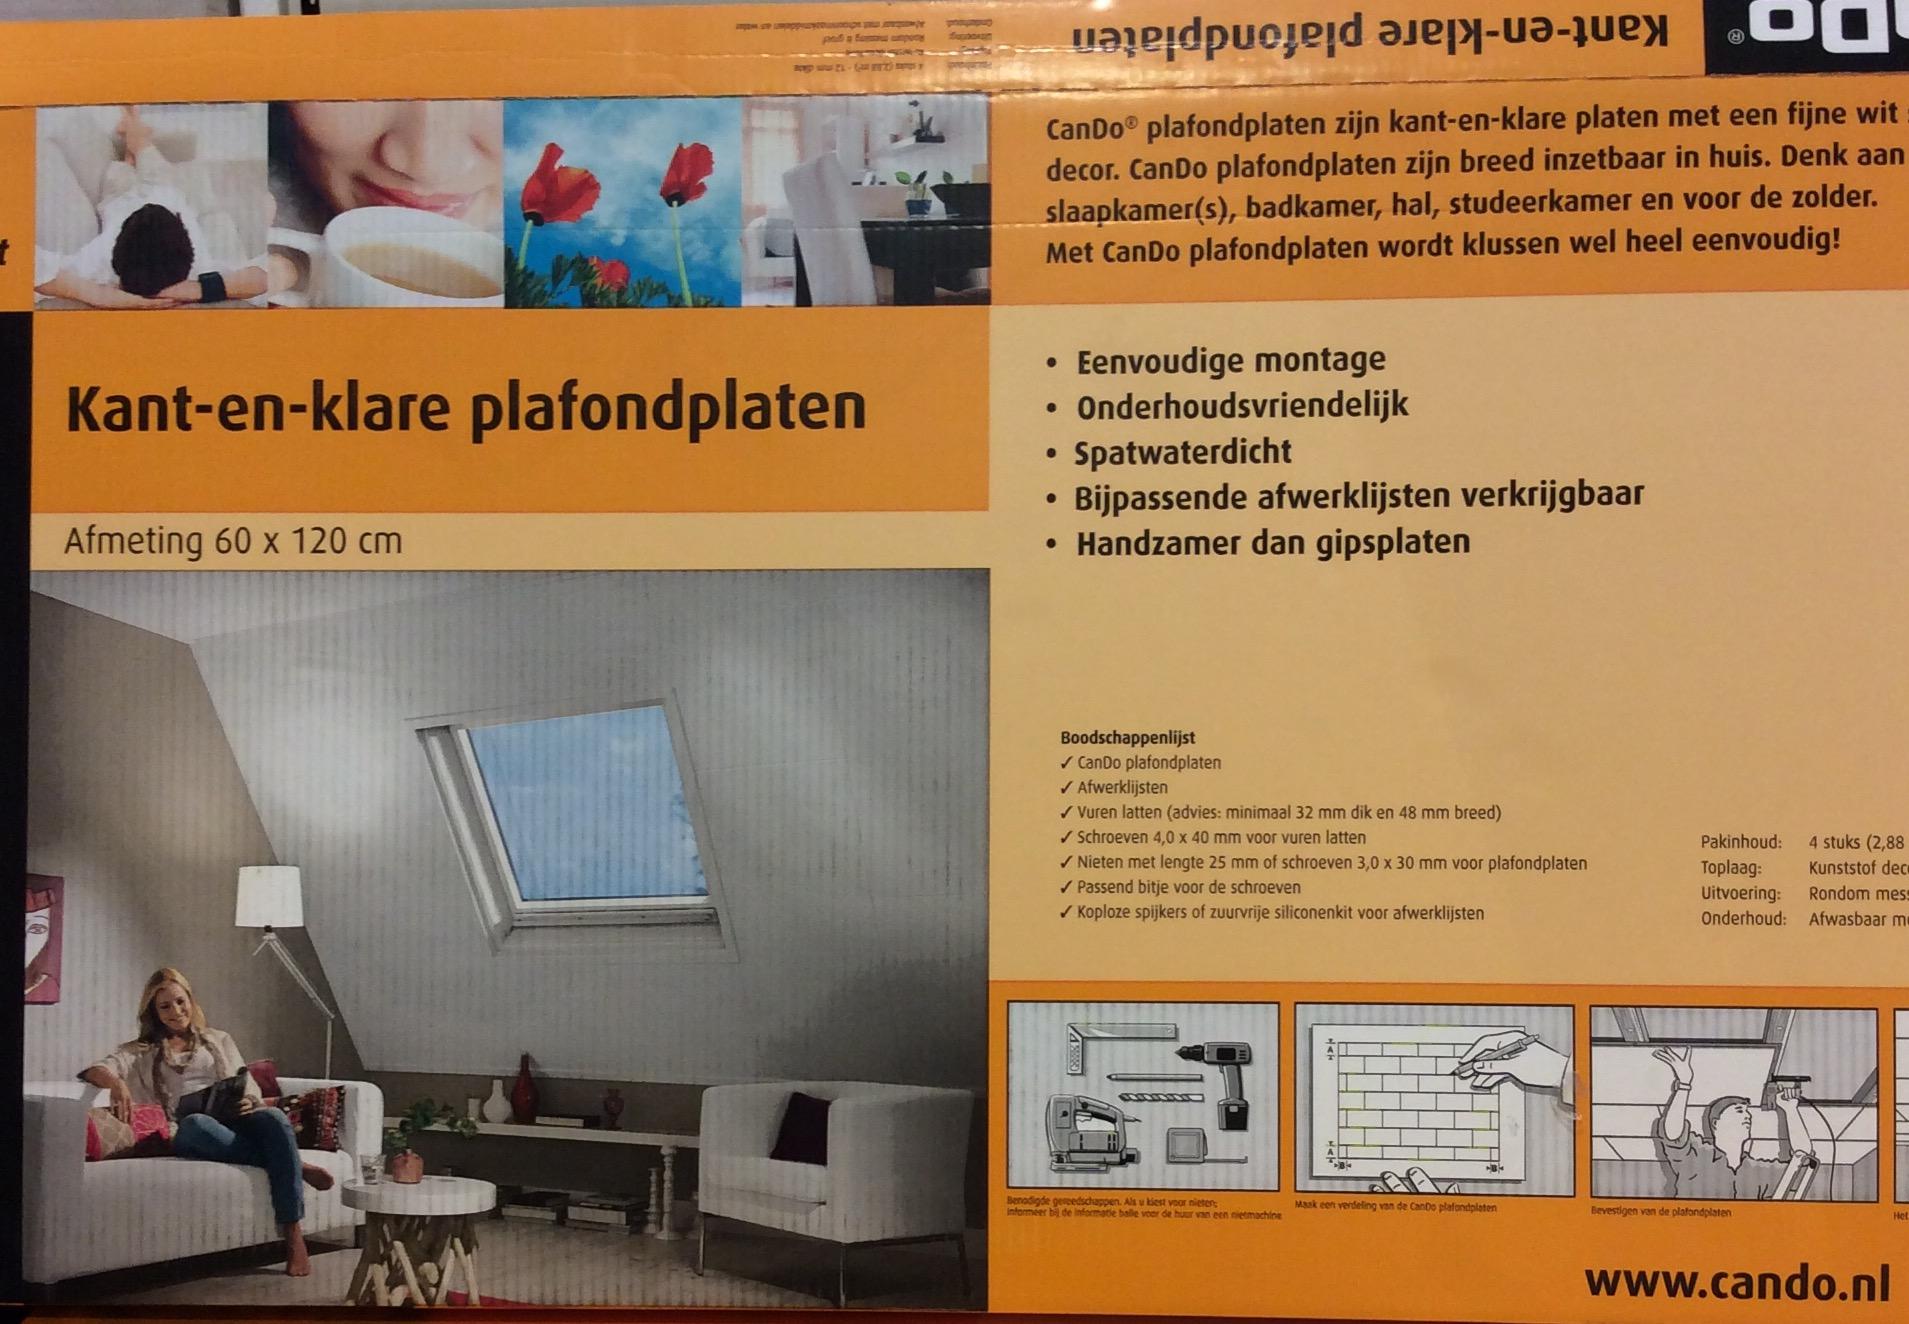 Cando Plafondplaten Badkamer : Moet ik perse talentboard gebruiken voor een badkamerplafond